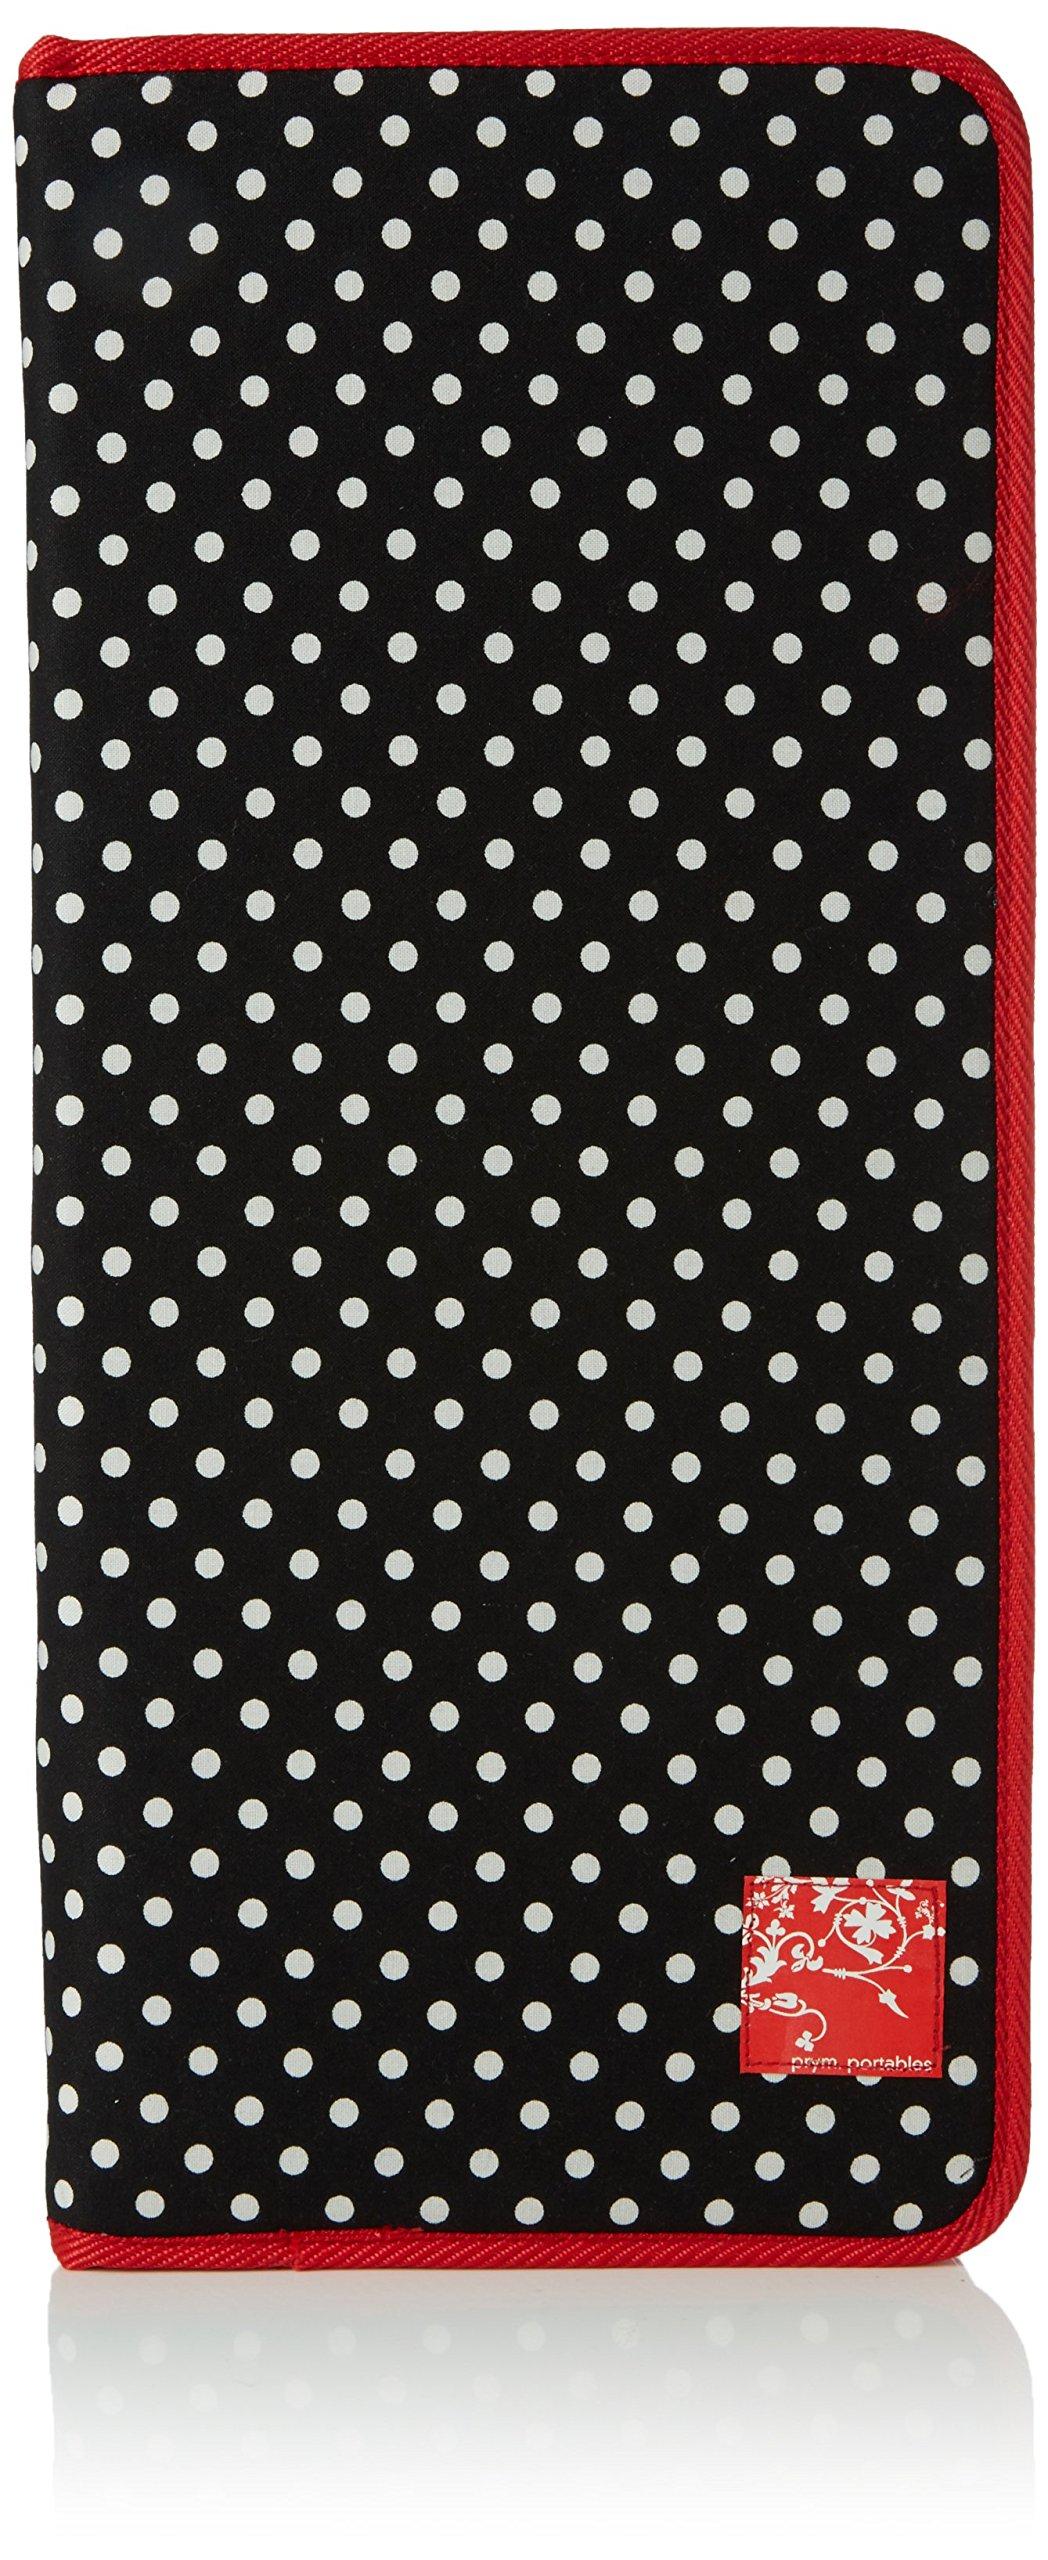 Prym 612181 Polka Dot Design Black White Empty Knitting Needle Case | 40 x 43cm